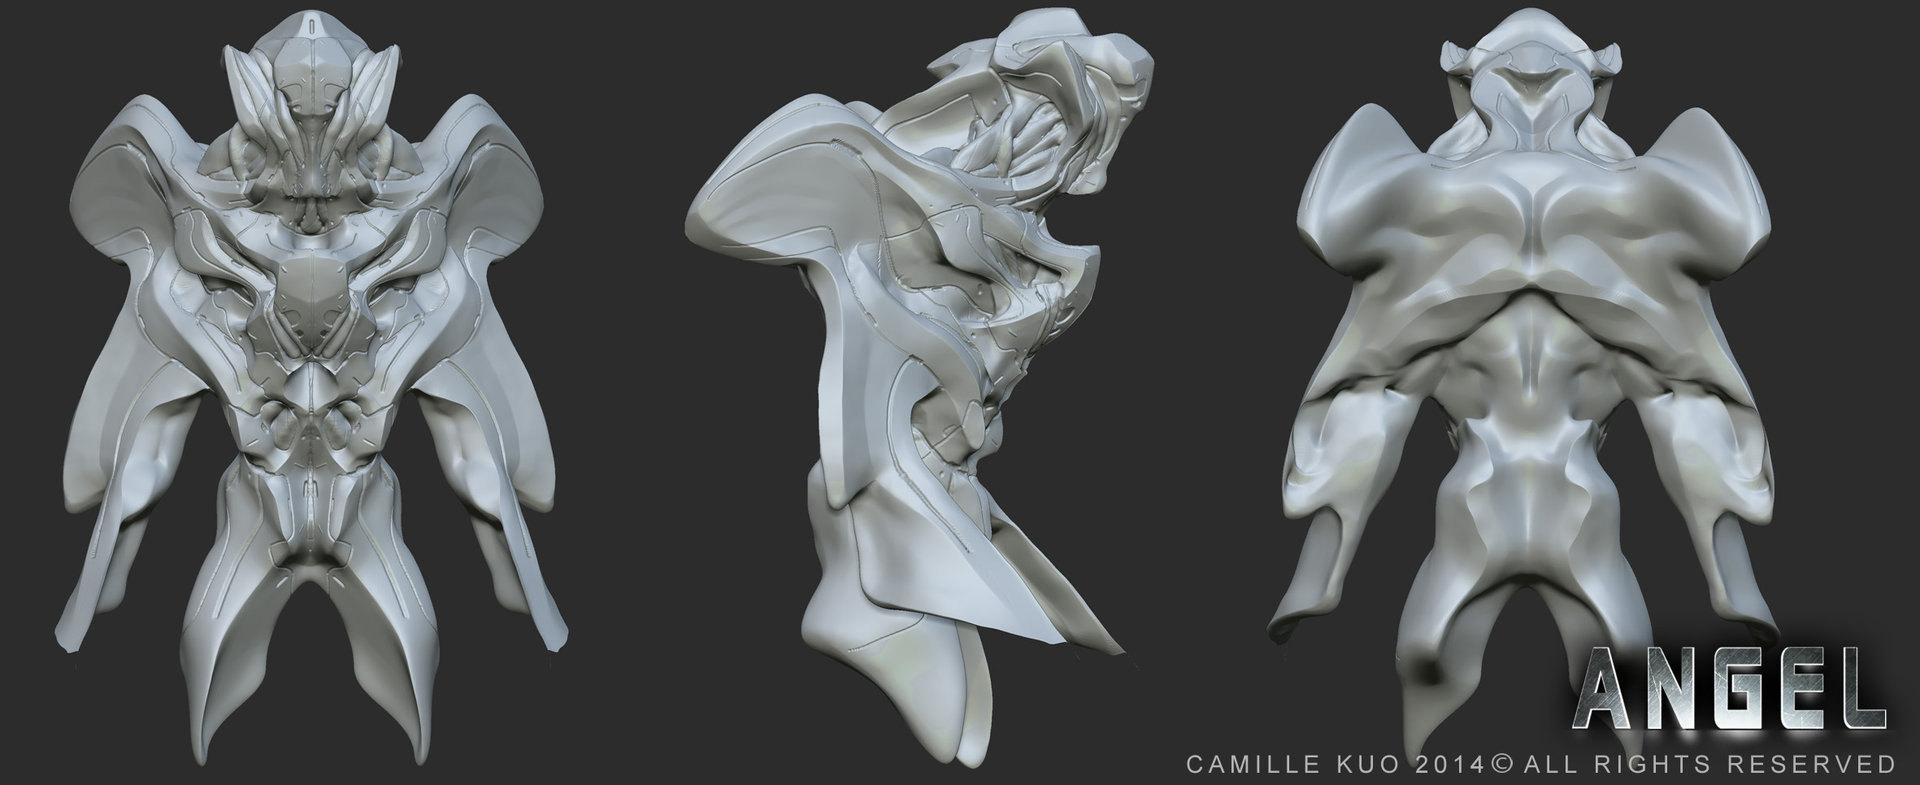 Camille kuo angel turnaround camillekuo